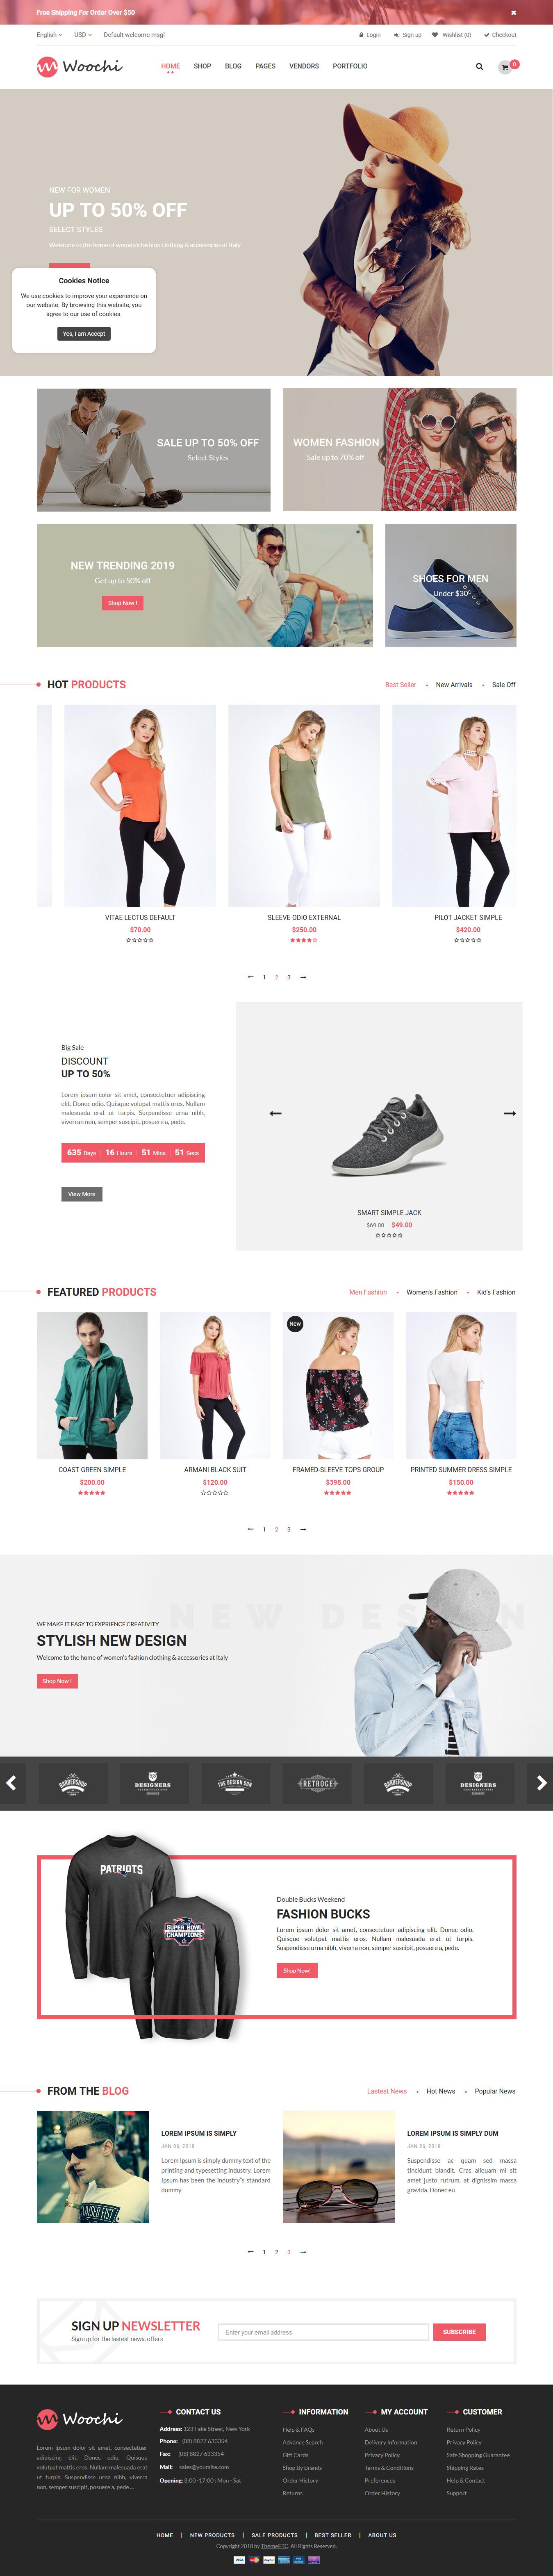 Woochi - Los mejores temas de WordPress de moda premium